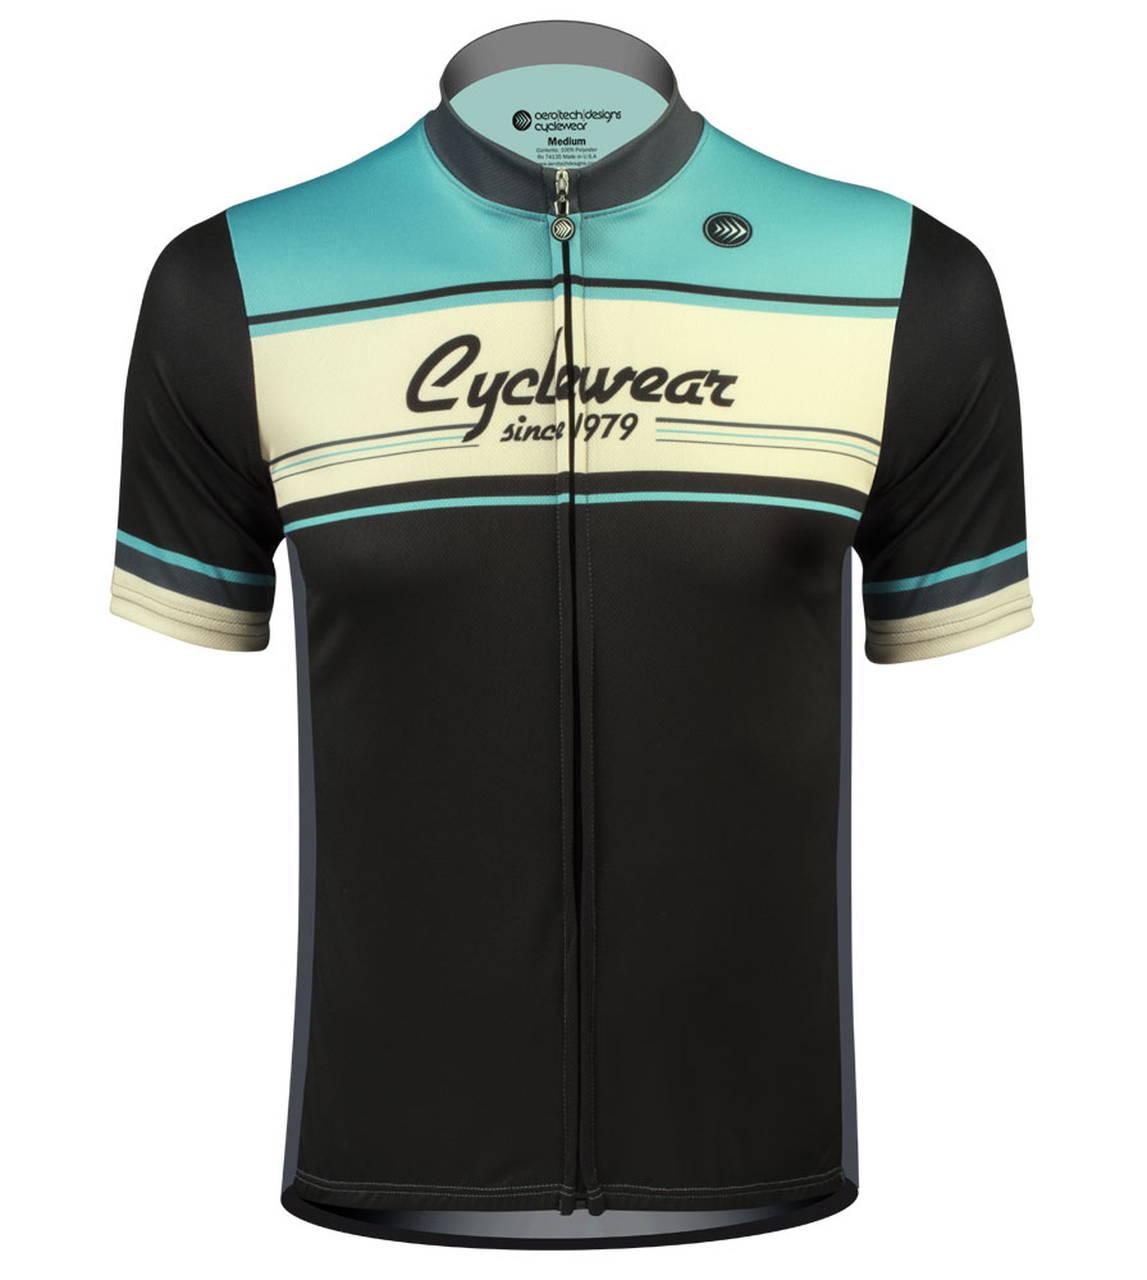 1979 Cycling Jersey